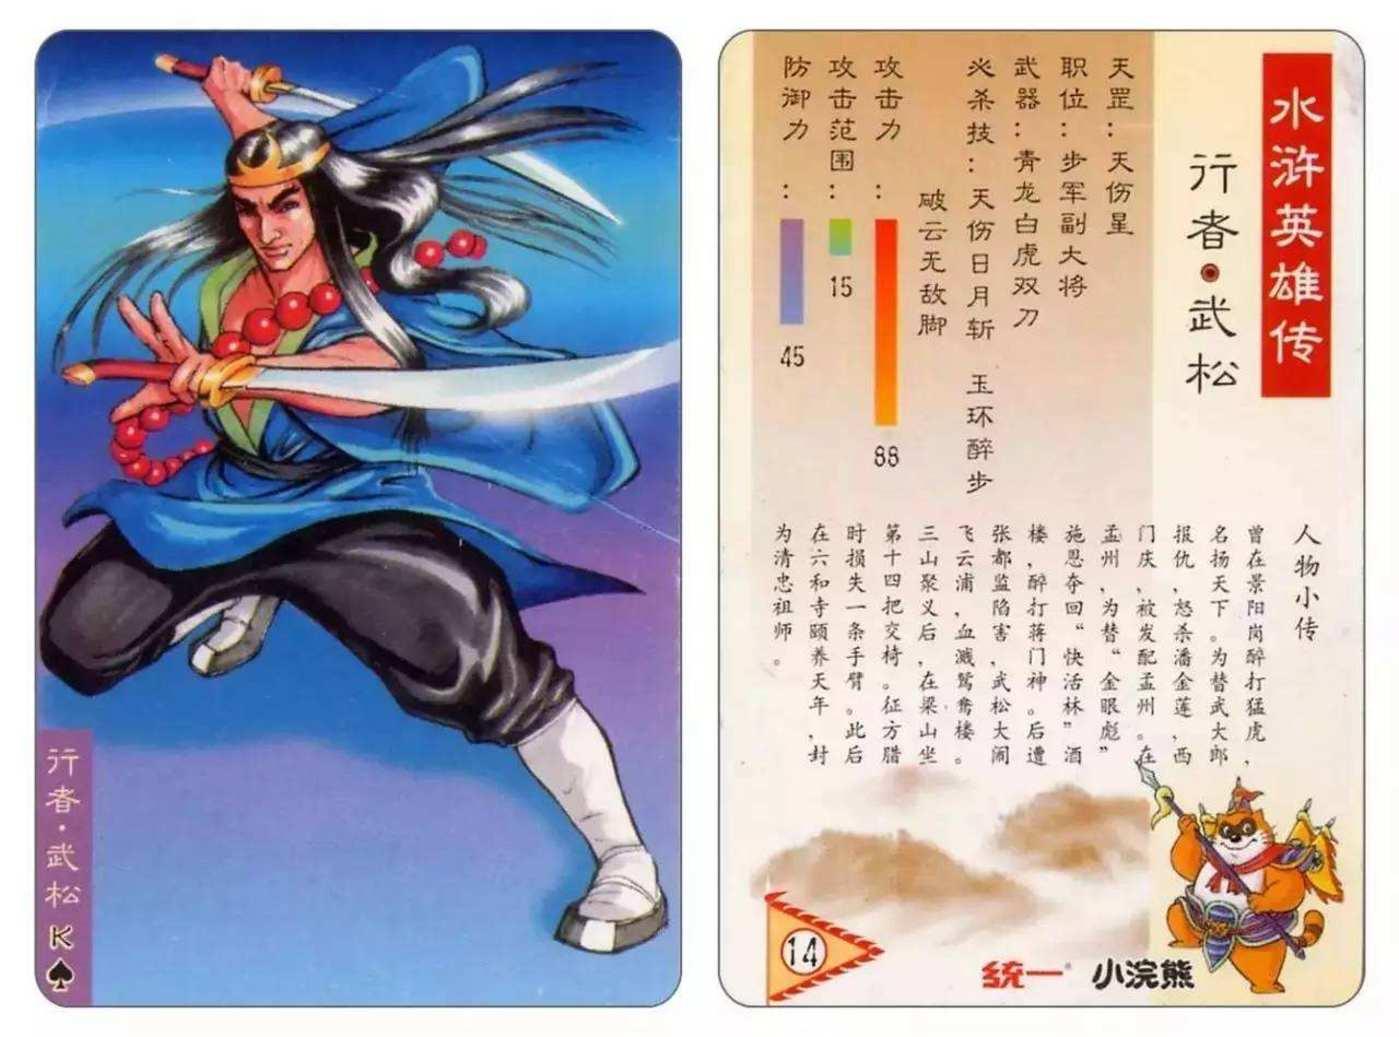 娱乐游戏送88彩金 - 马皇后在世时,明太祖朱元璋为何惧怕她?